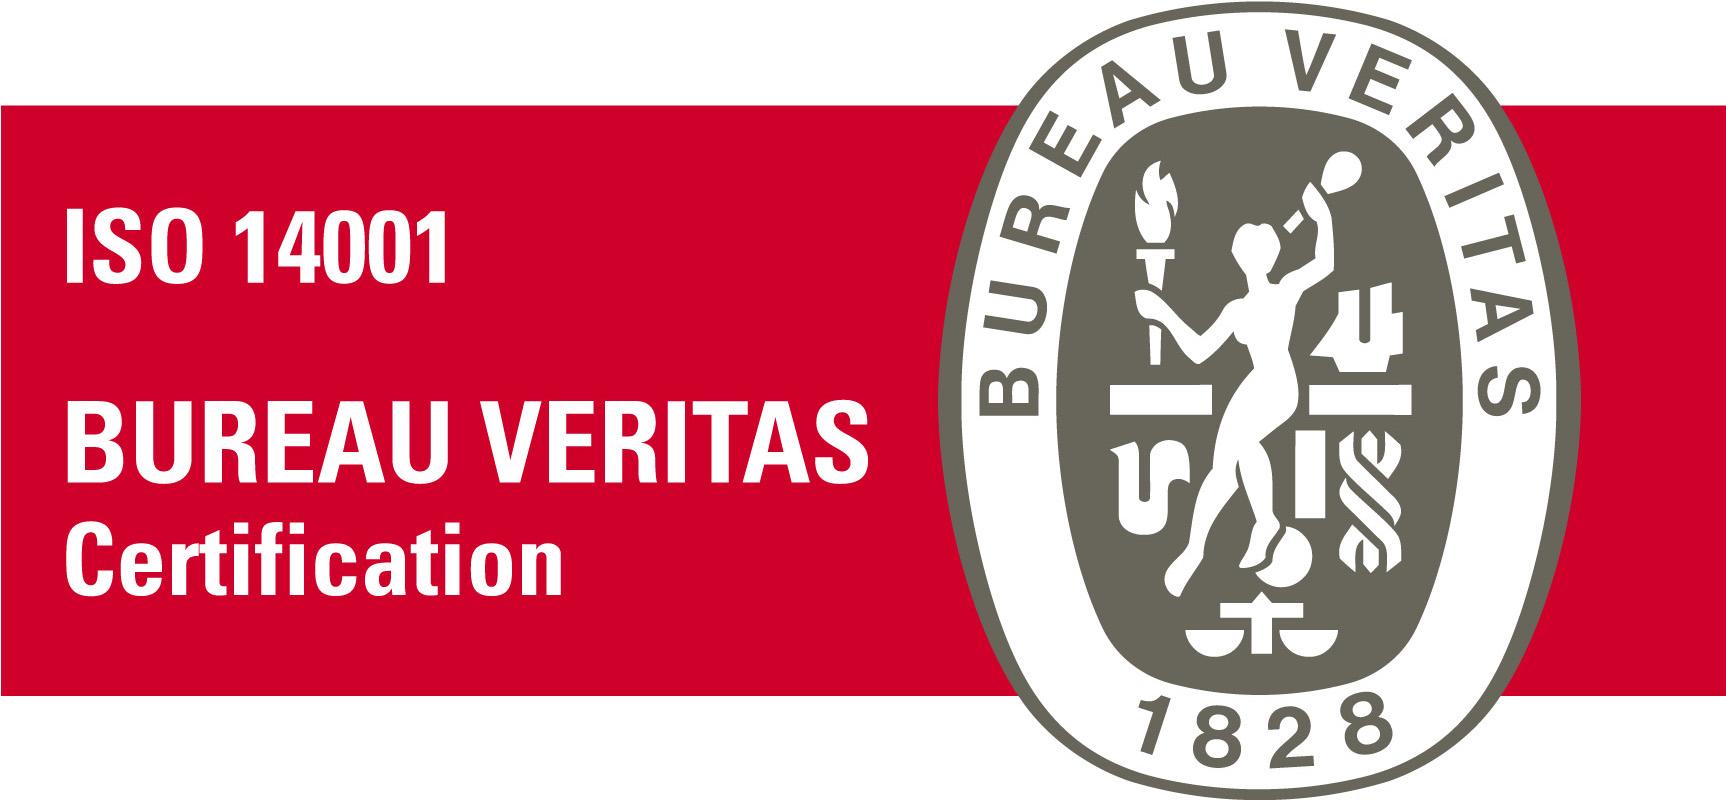 bv_certification_iso14001-2